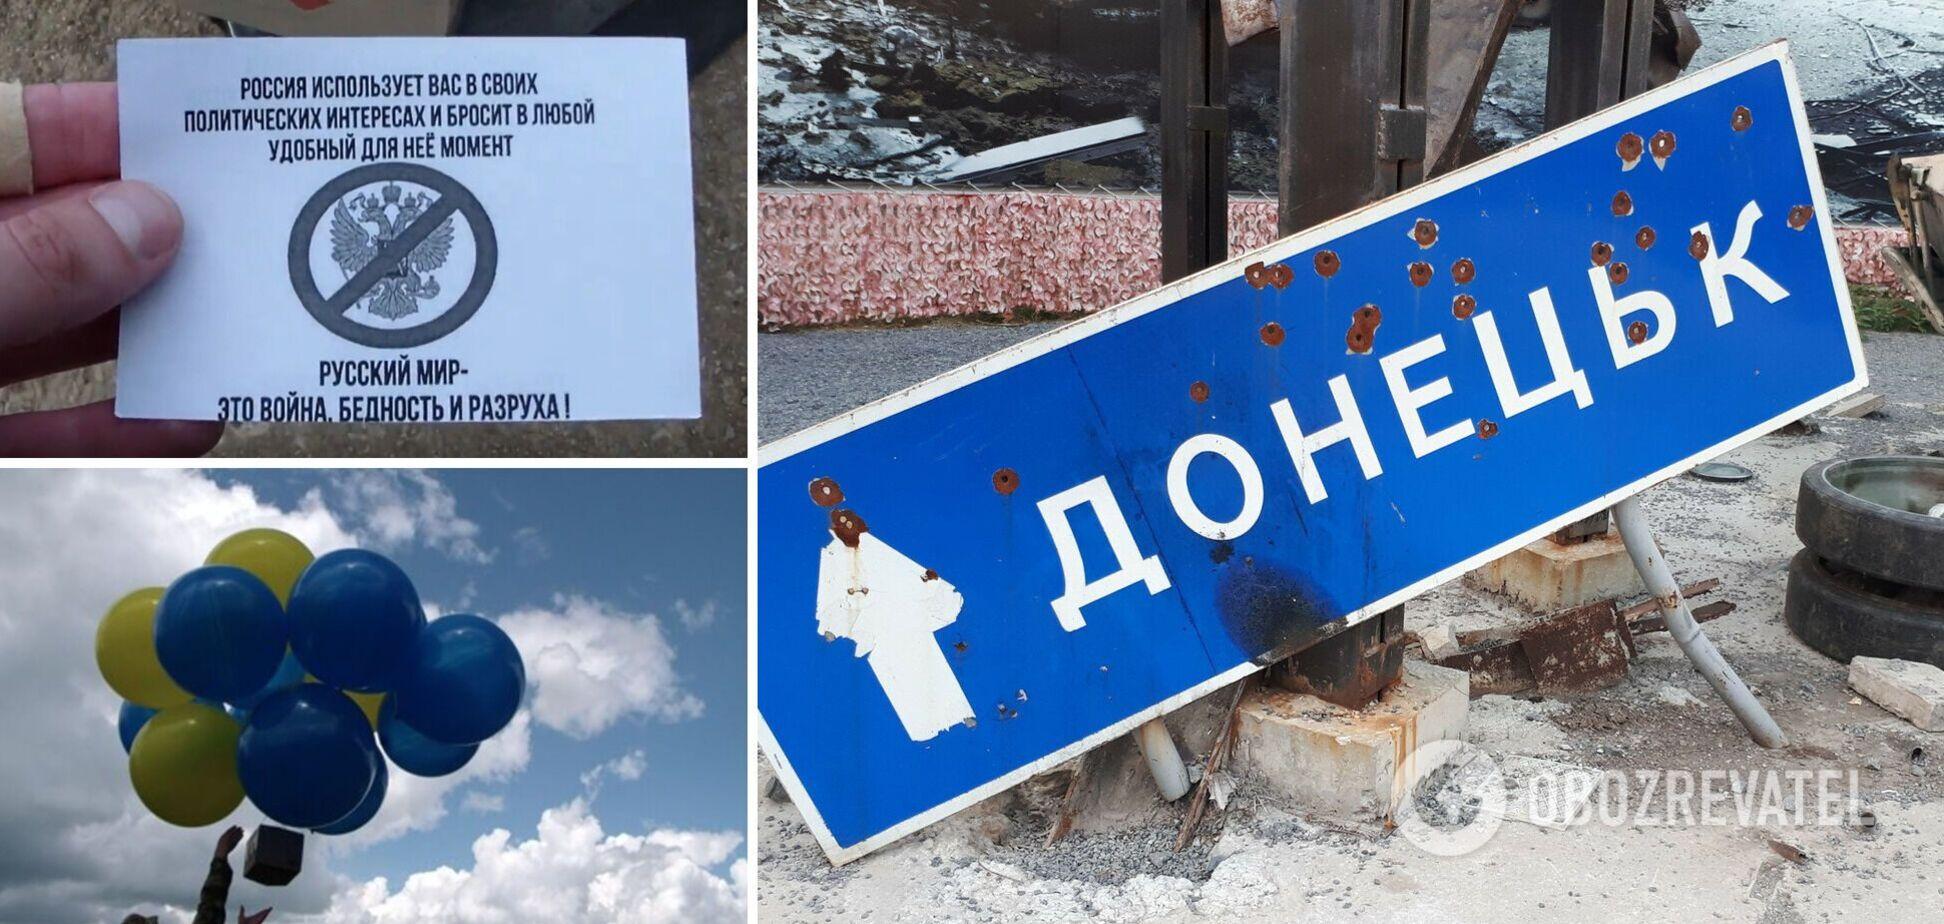 Військові й переселенці відправили в ОРДЛО незвичне 'привітання' із Днем РФ. Відео